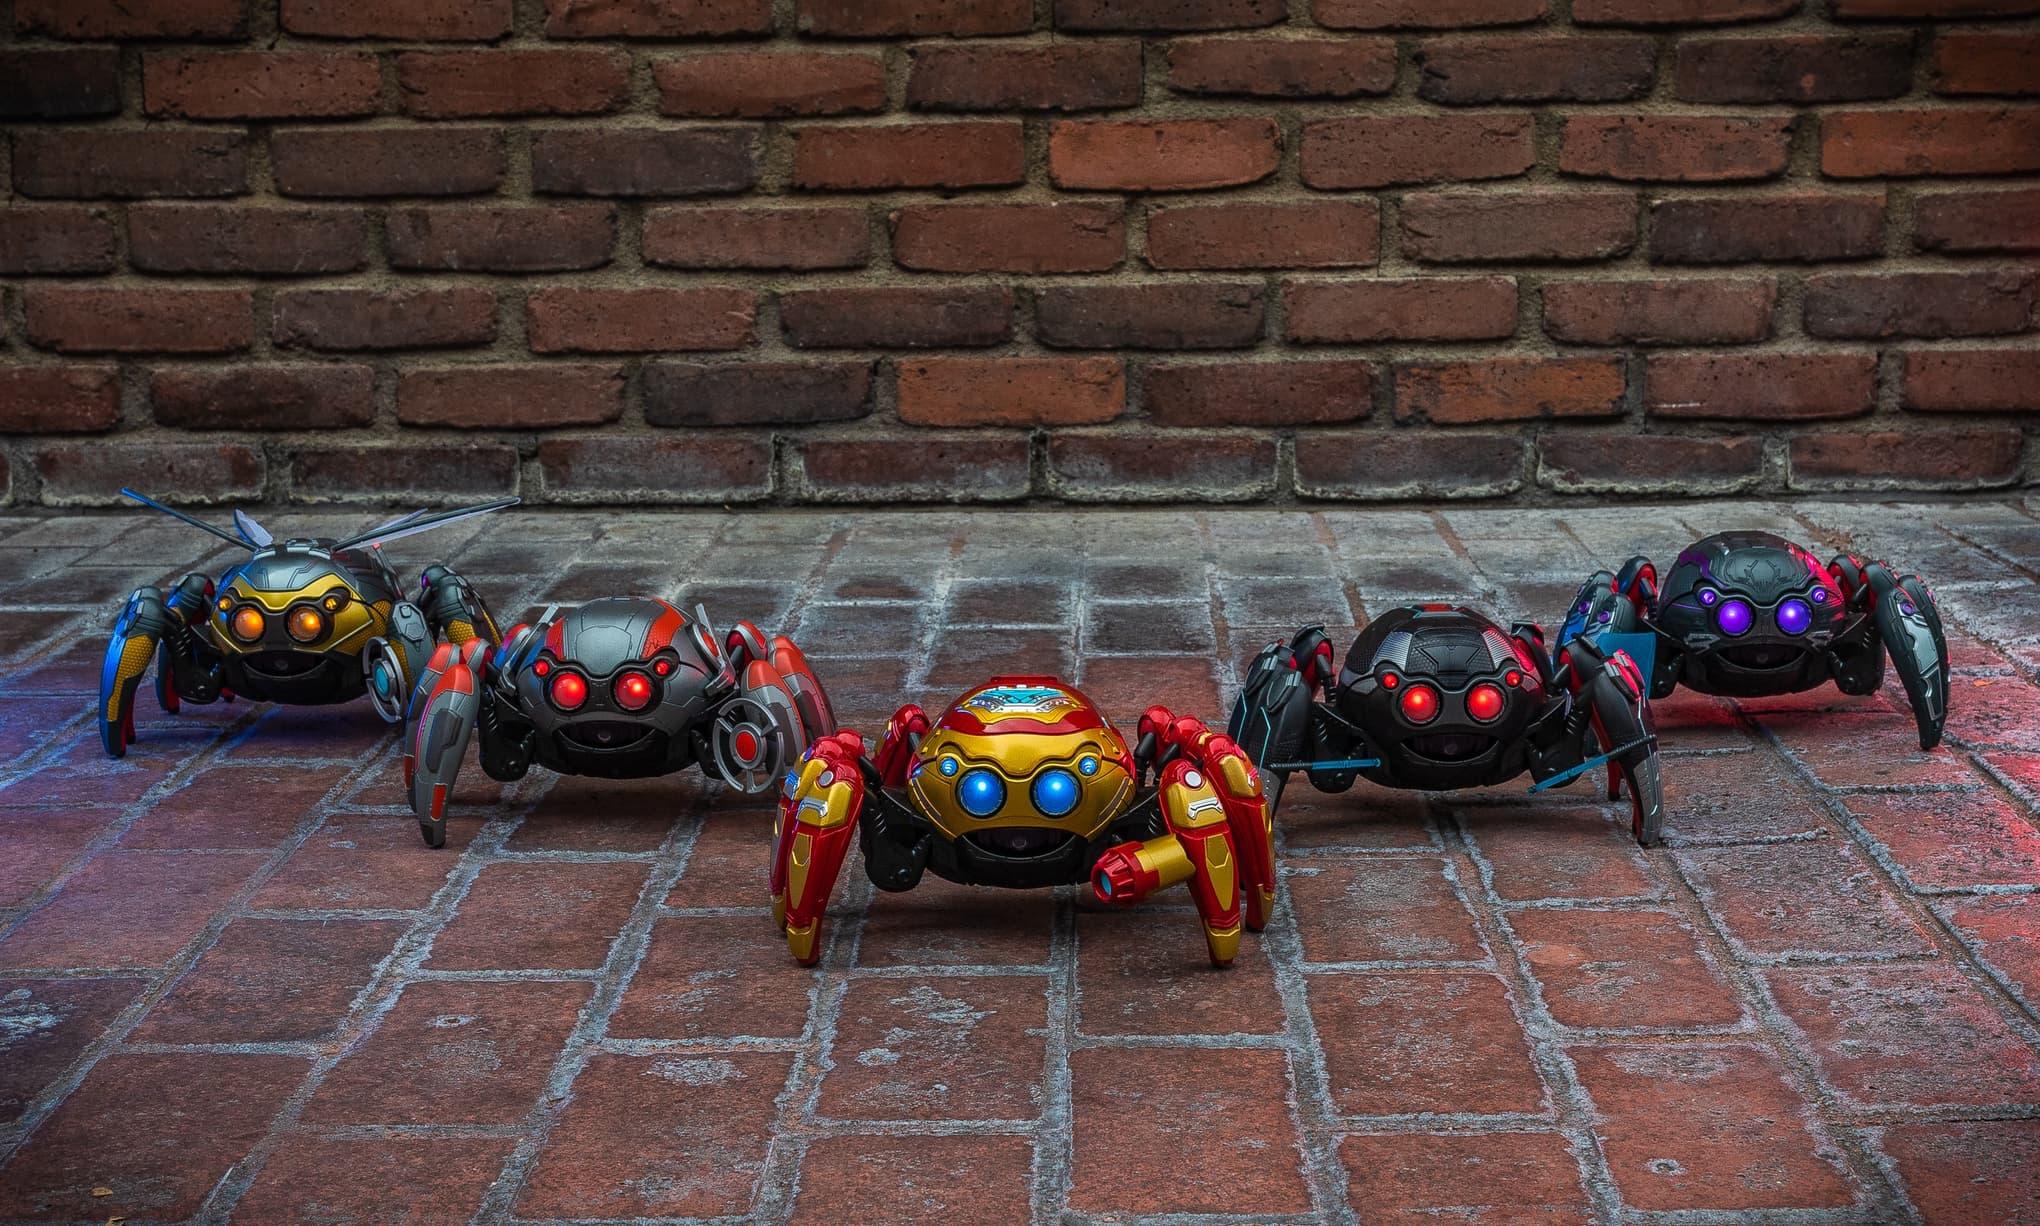 spider-bots